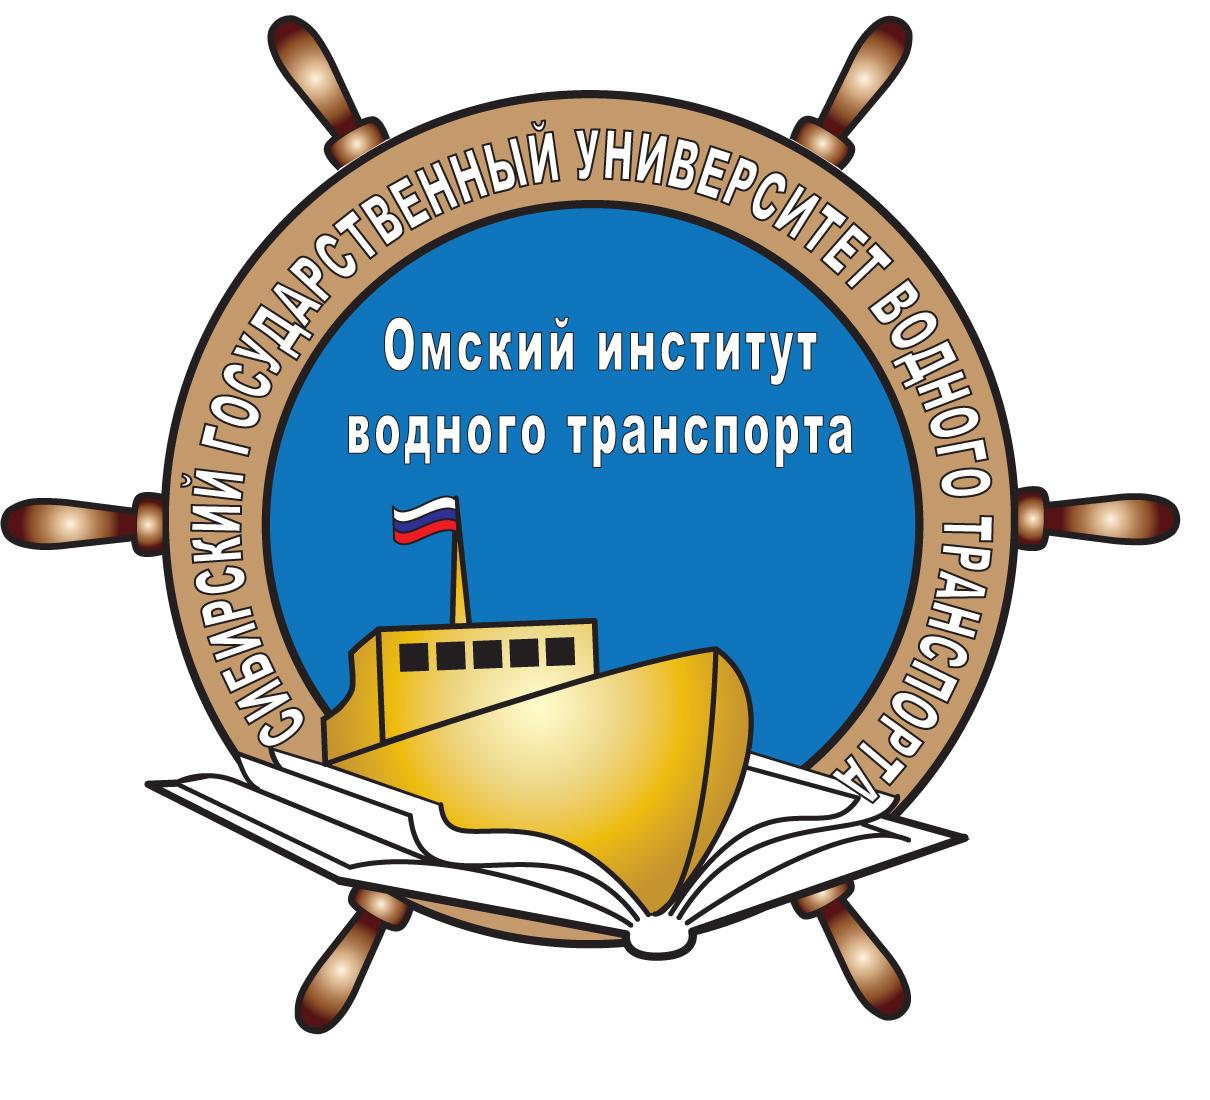 Омский институт водного транспорта